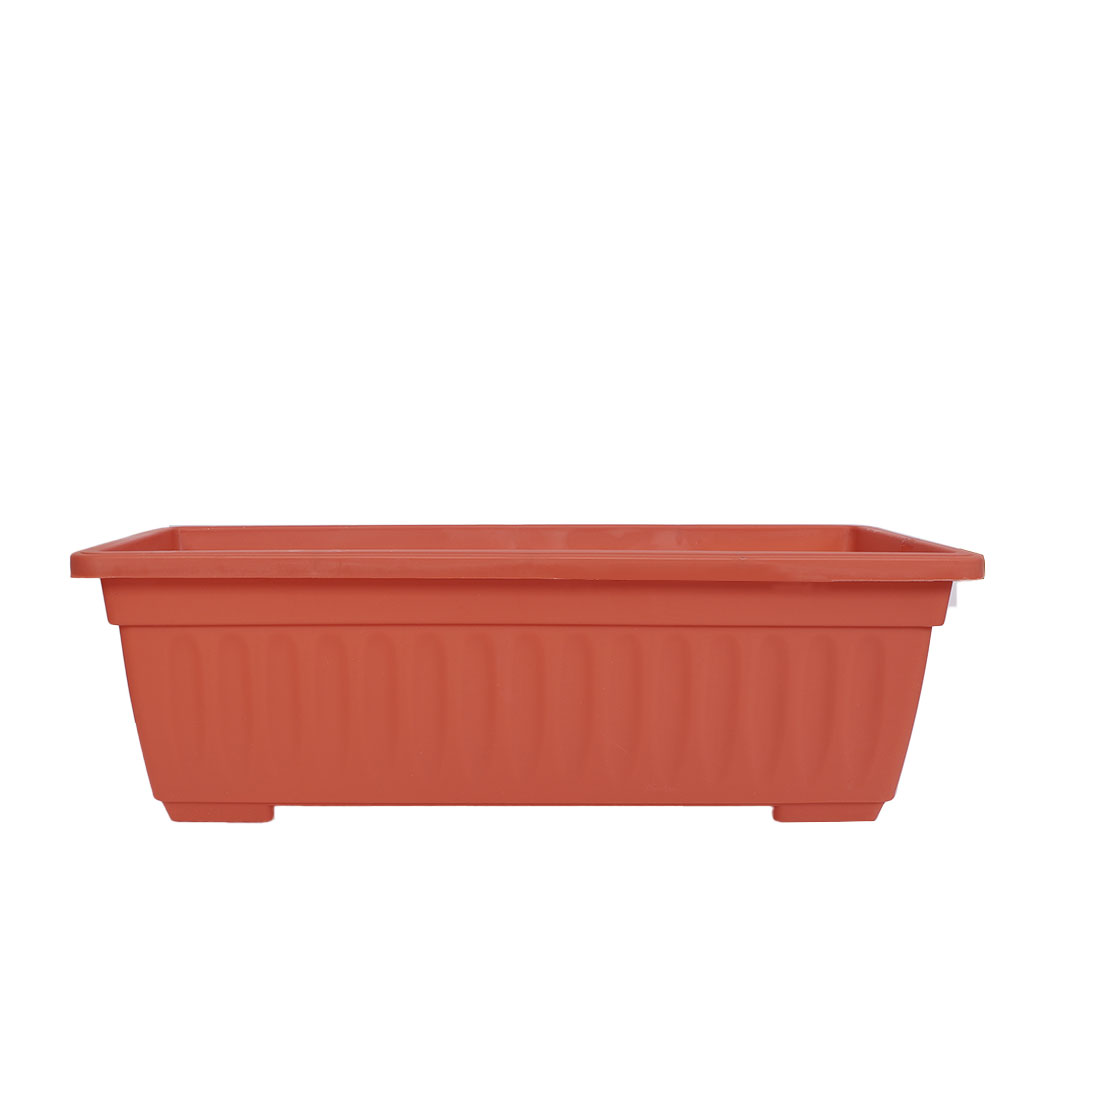 Balcony Garden Plastic Desktop Decoration Plant Container Planter Flower Pot Brick Red